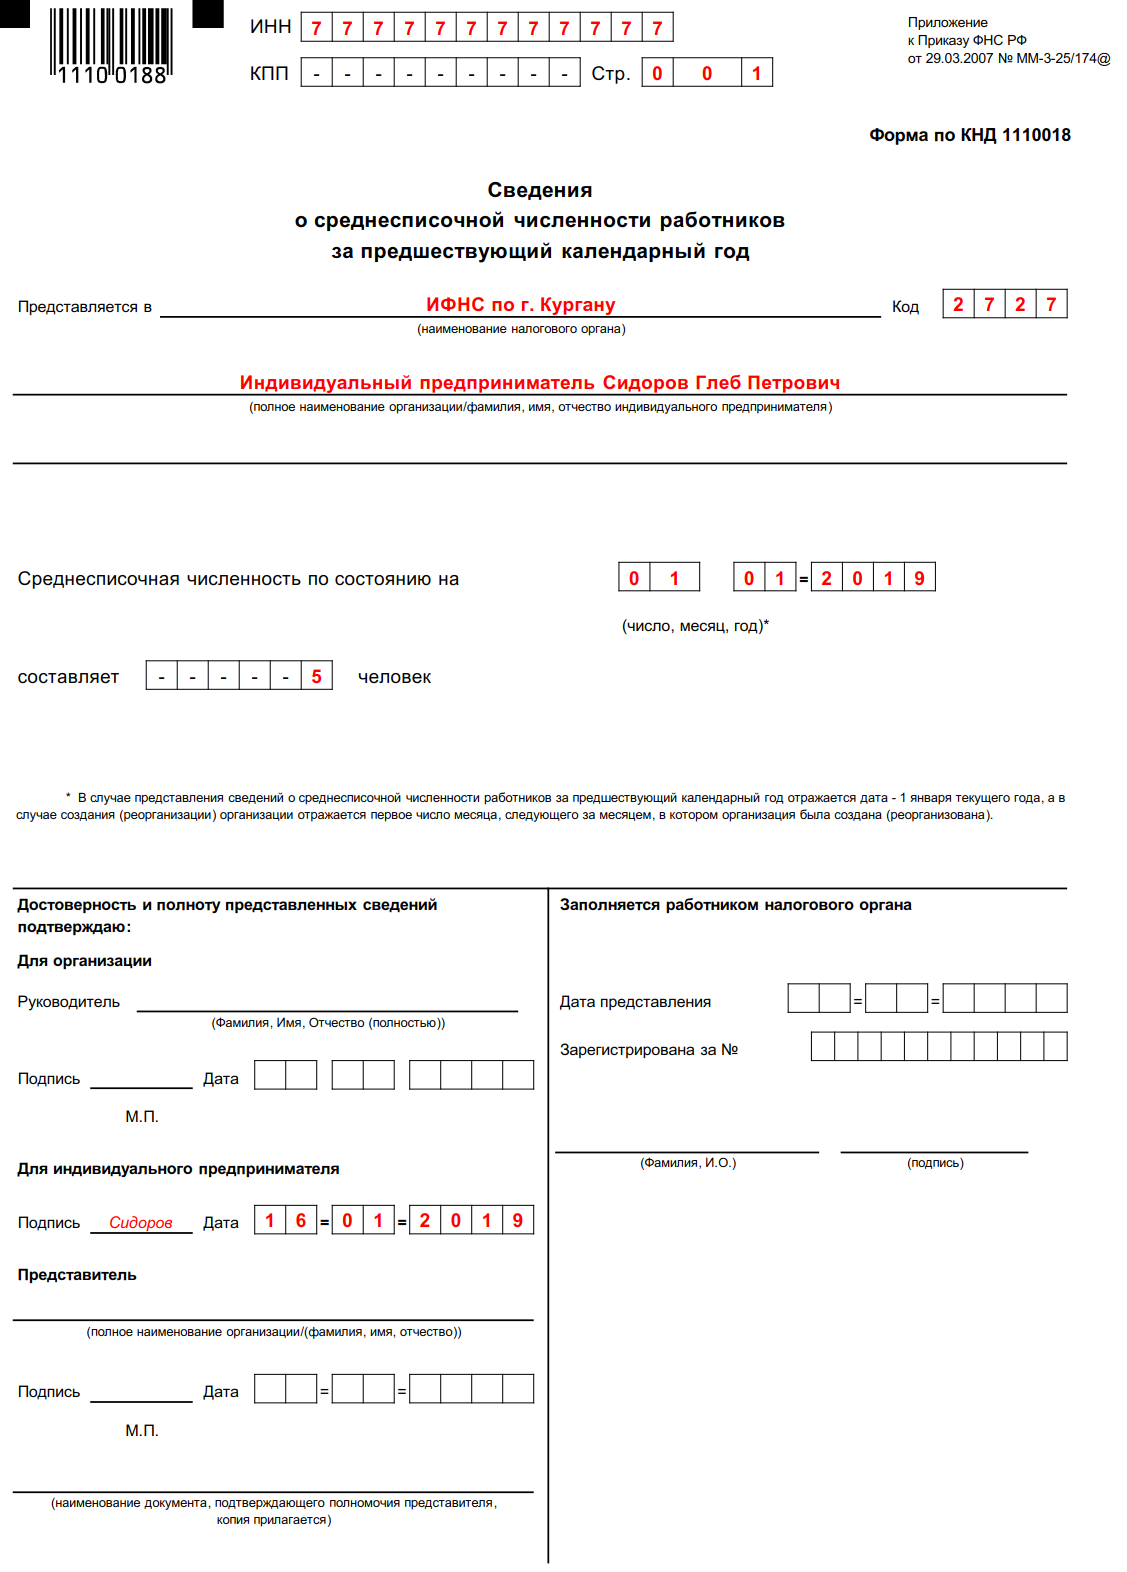 Среднесписочная численность работников у ип после регистрации бухгалтерское обслуживание балтстар спб